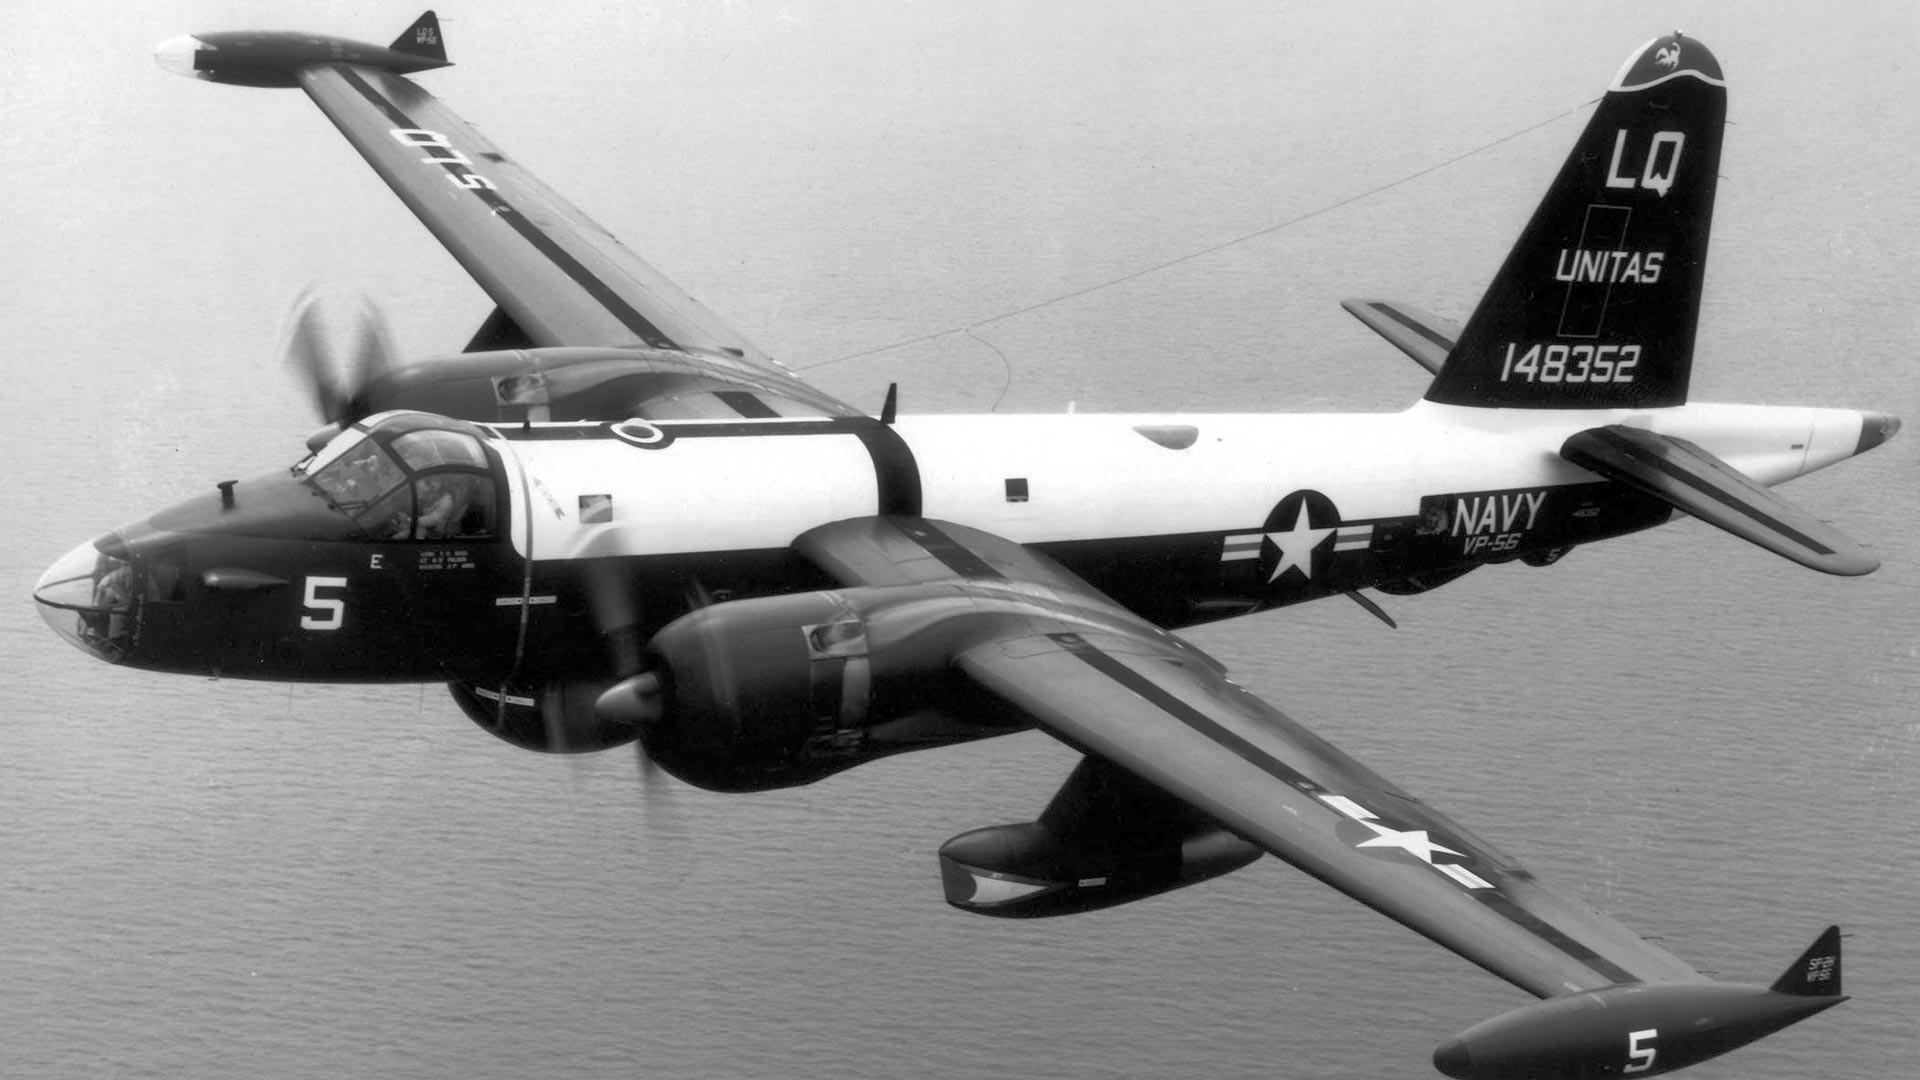 Avión de reconocimiento Lockheed P-2 Neptune.